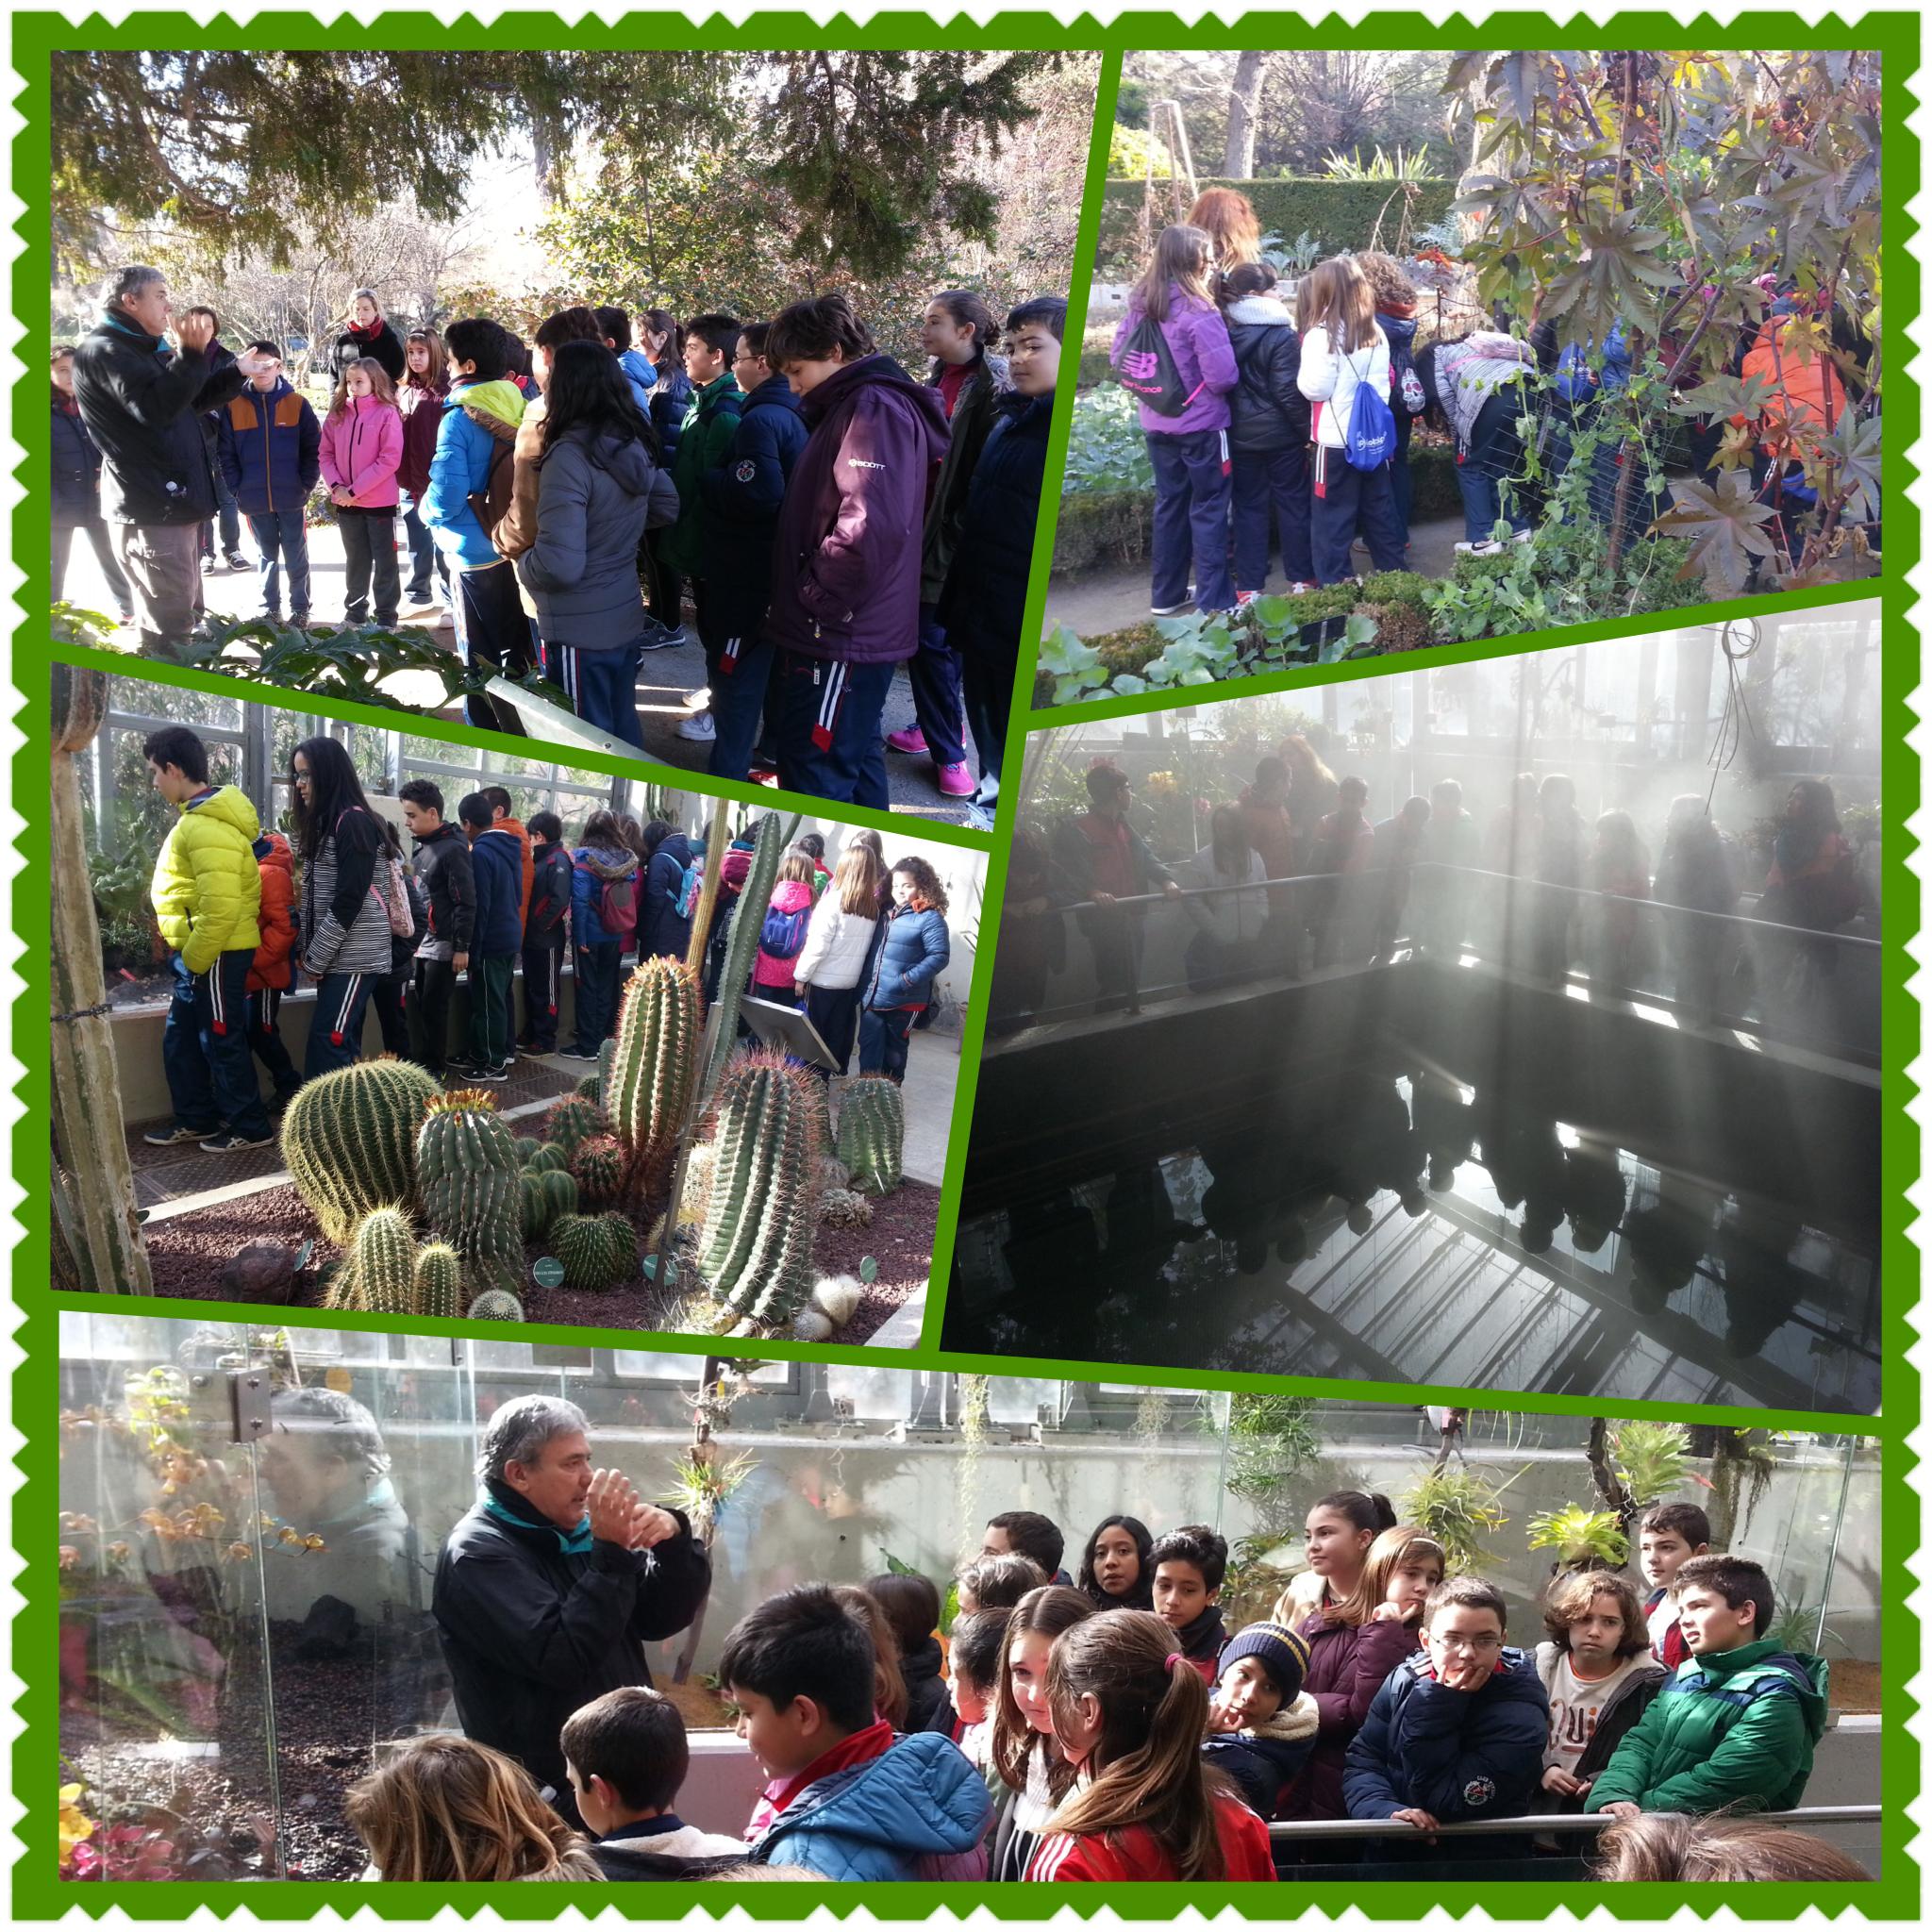 Visita al jard n bot nico el blog de 5 y 6 for Actividades jardin botanico 2016